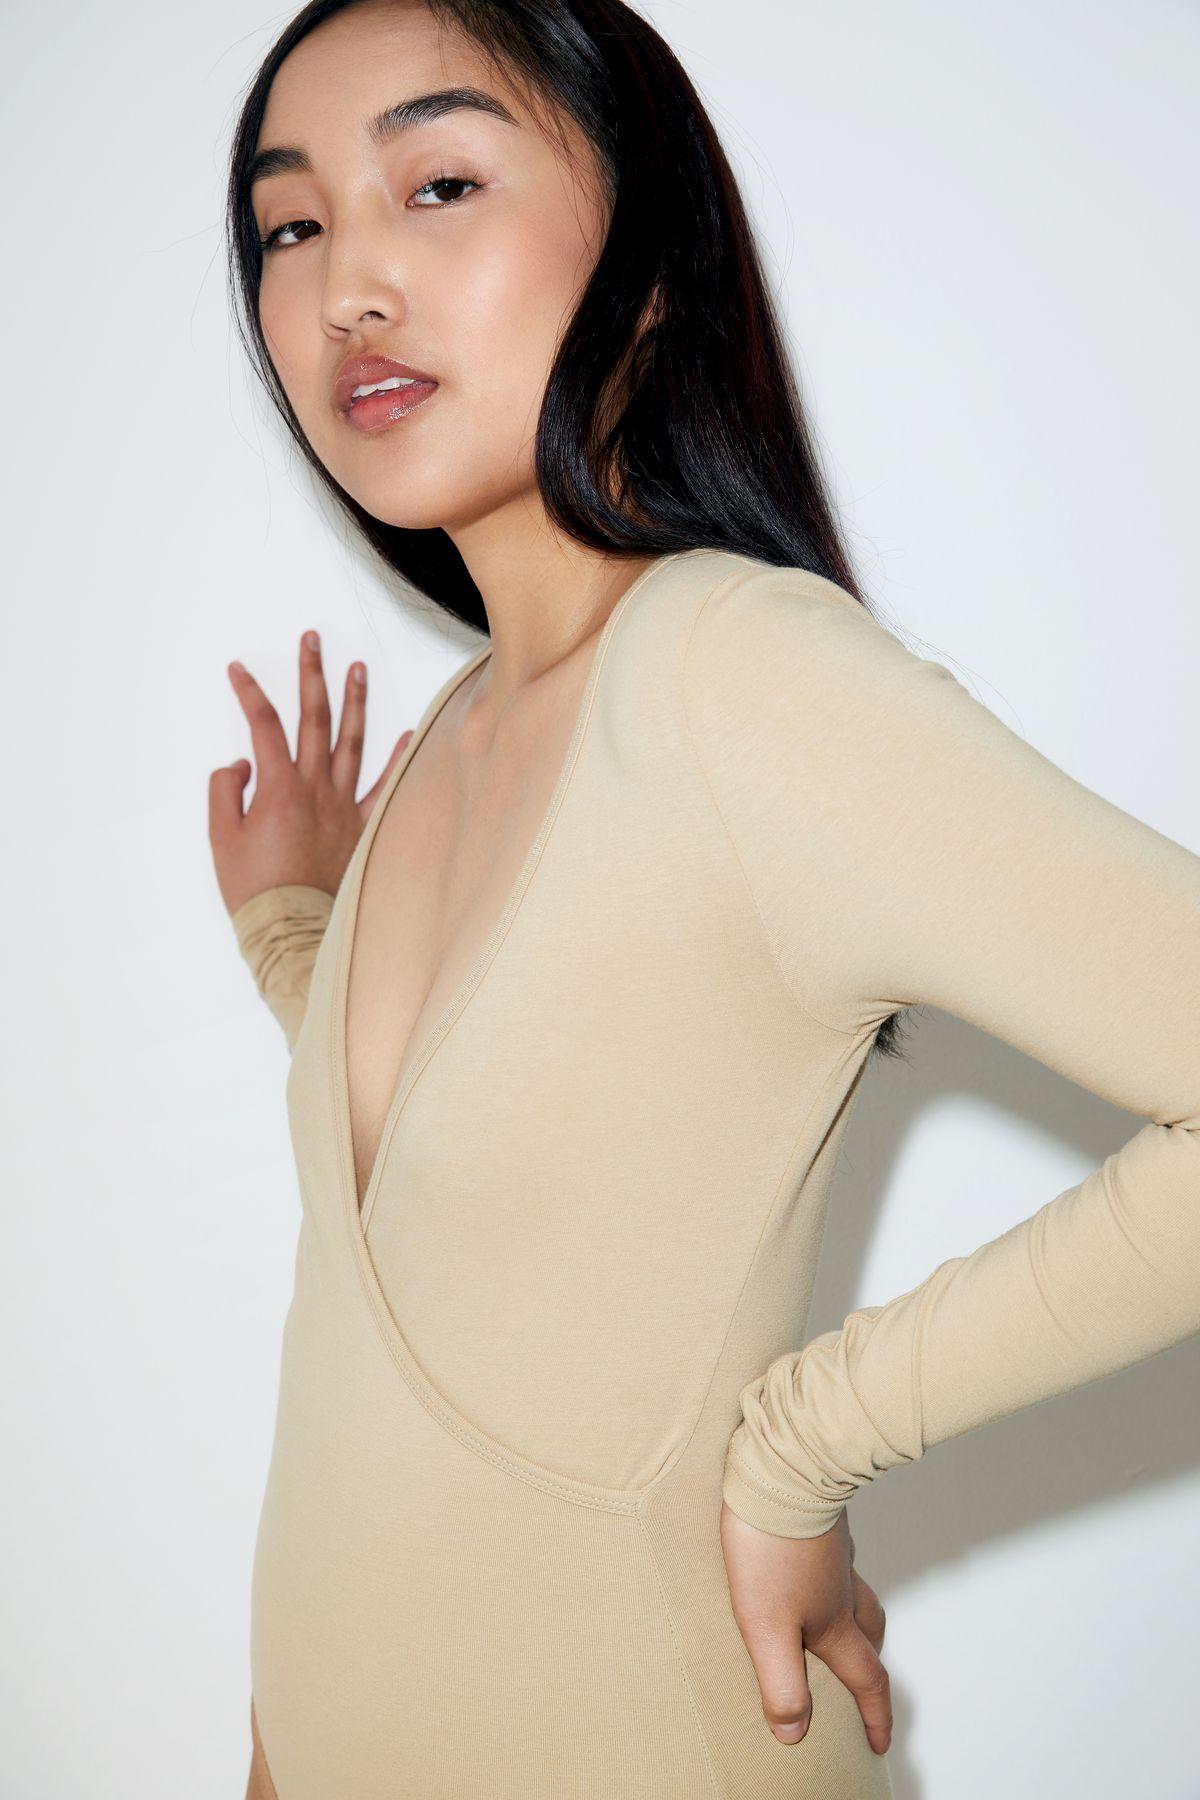 A model wears a nude bodysuit.